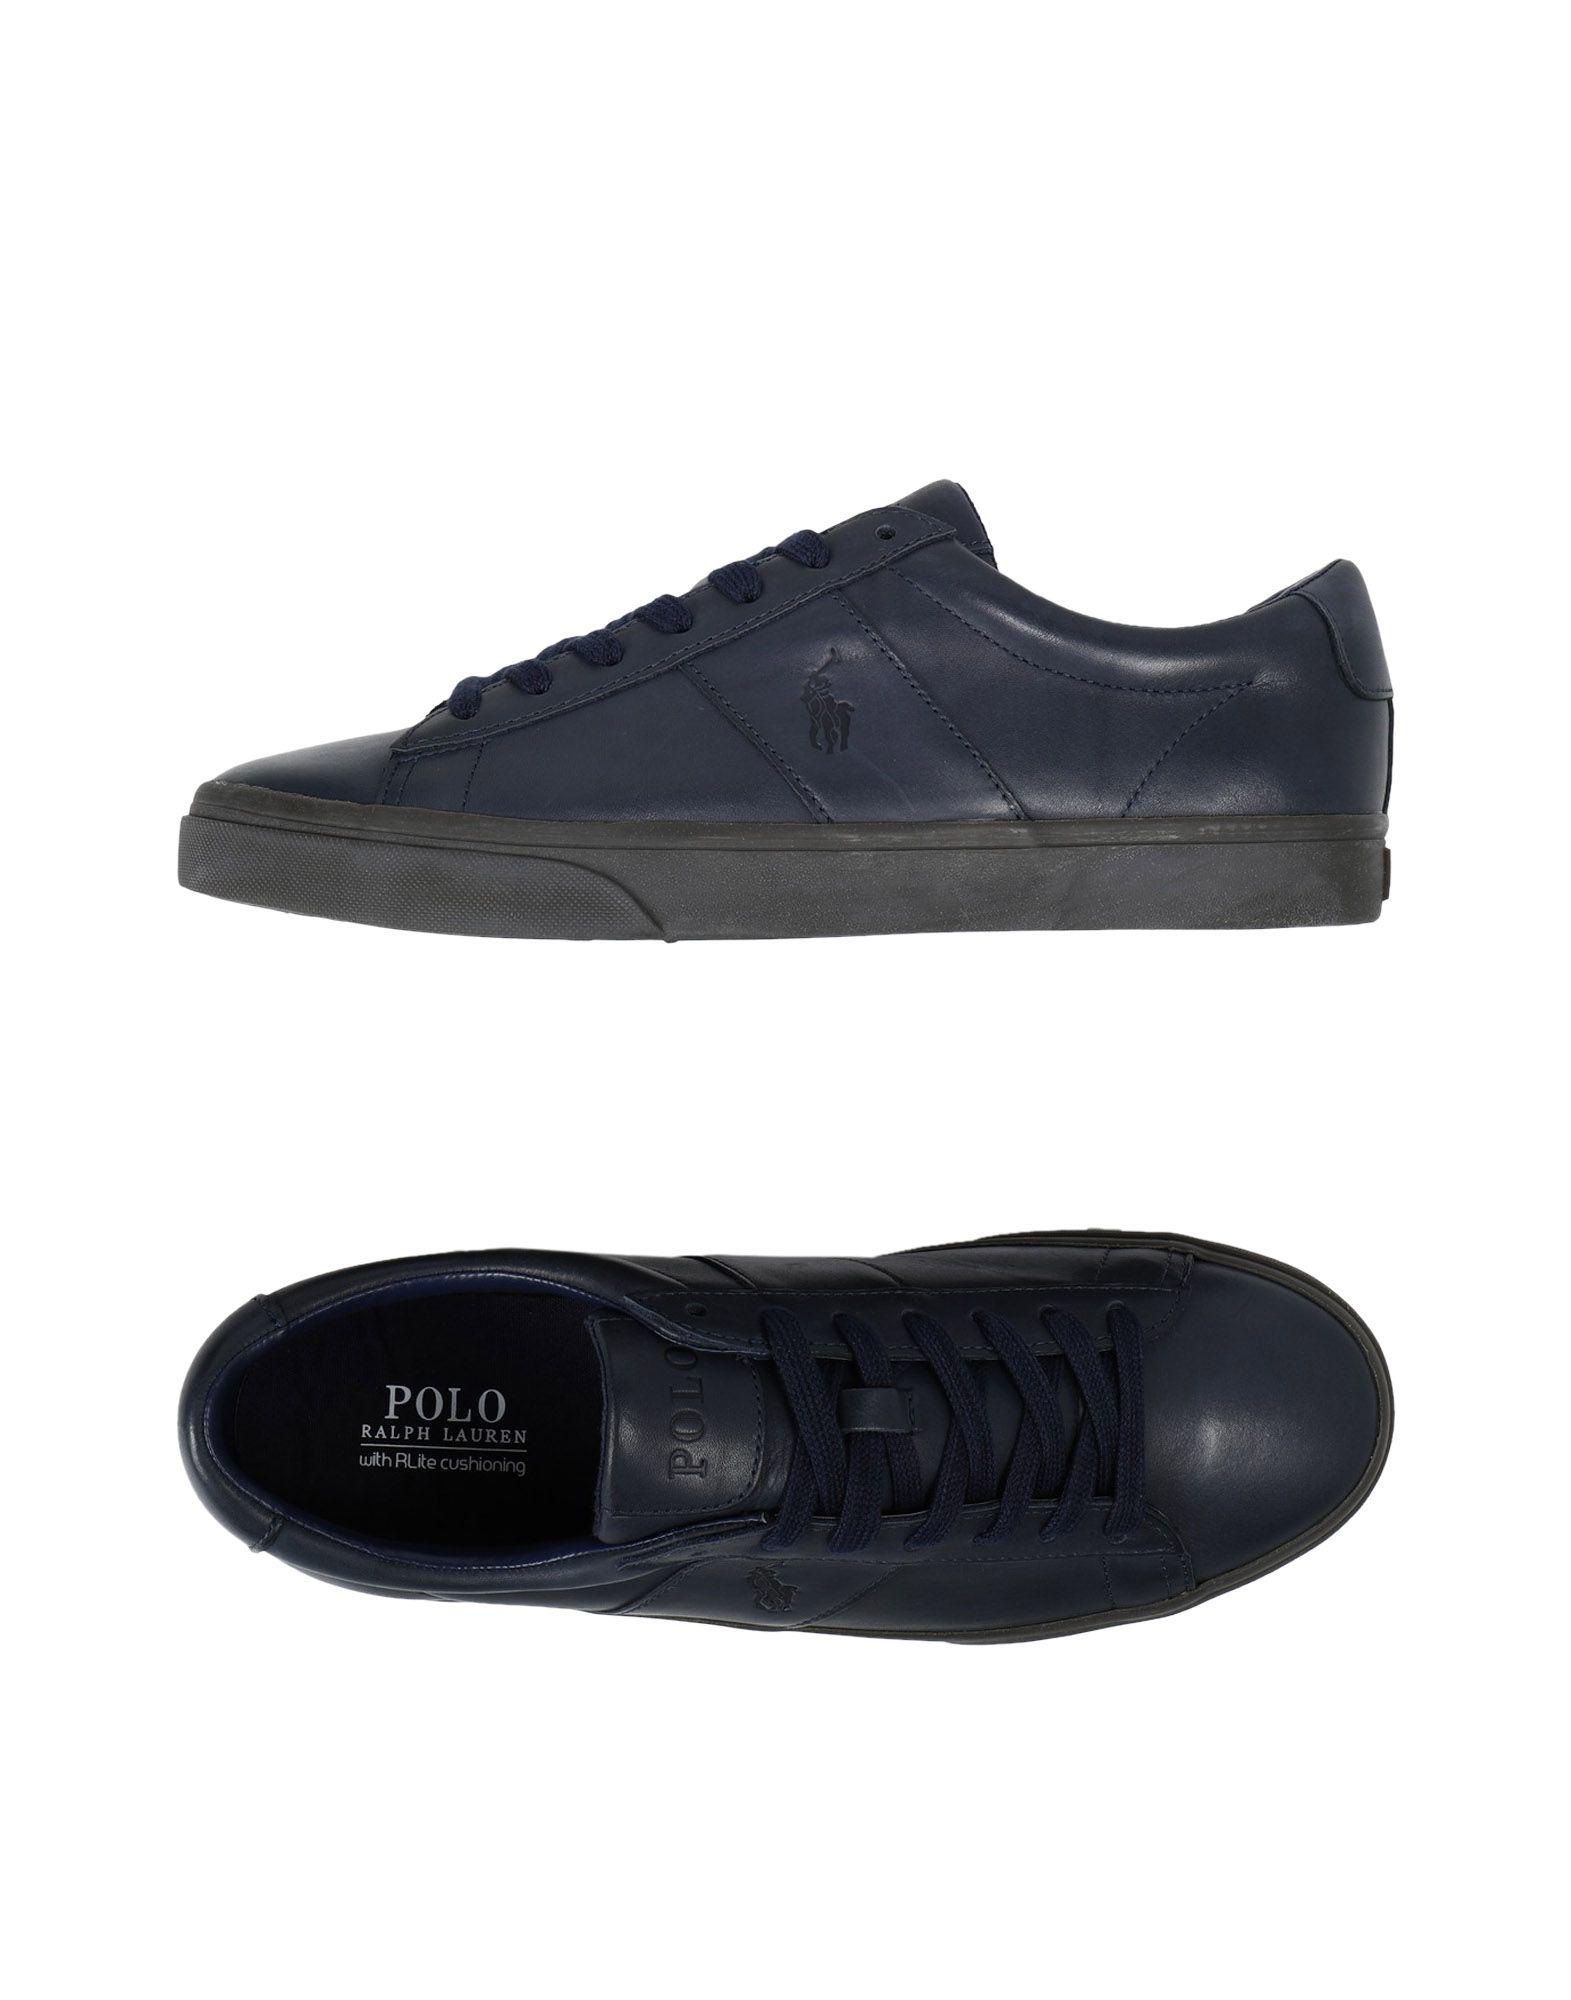 Sneakers Polo Ralph Lauren Uomo 11534513JG - 11534513JG Uomo d1501d